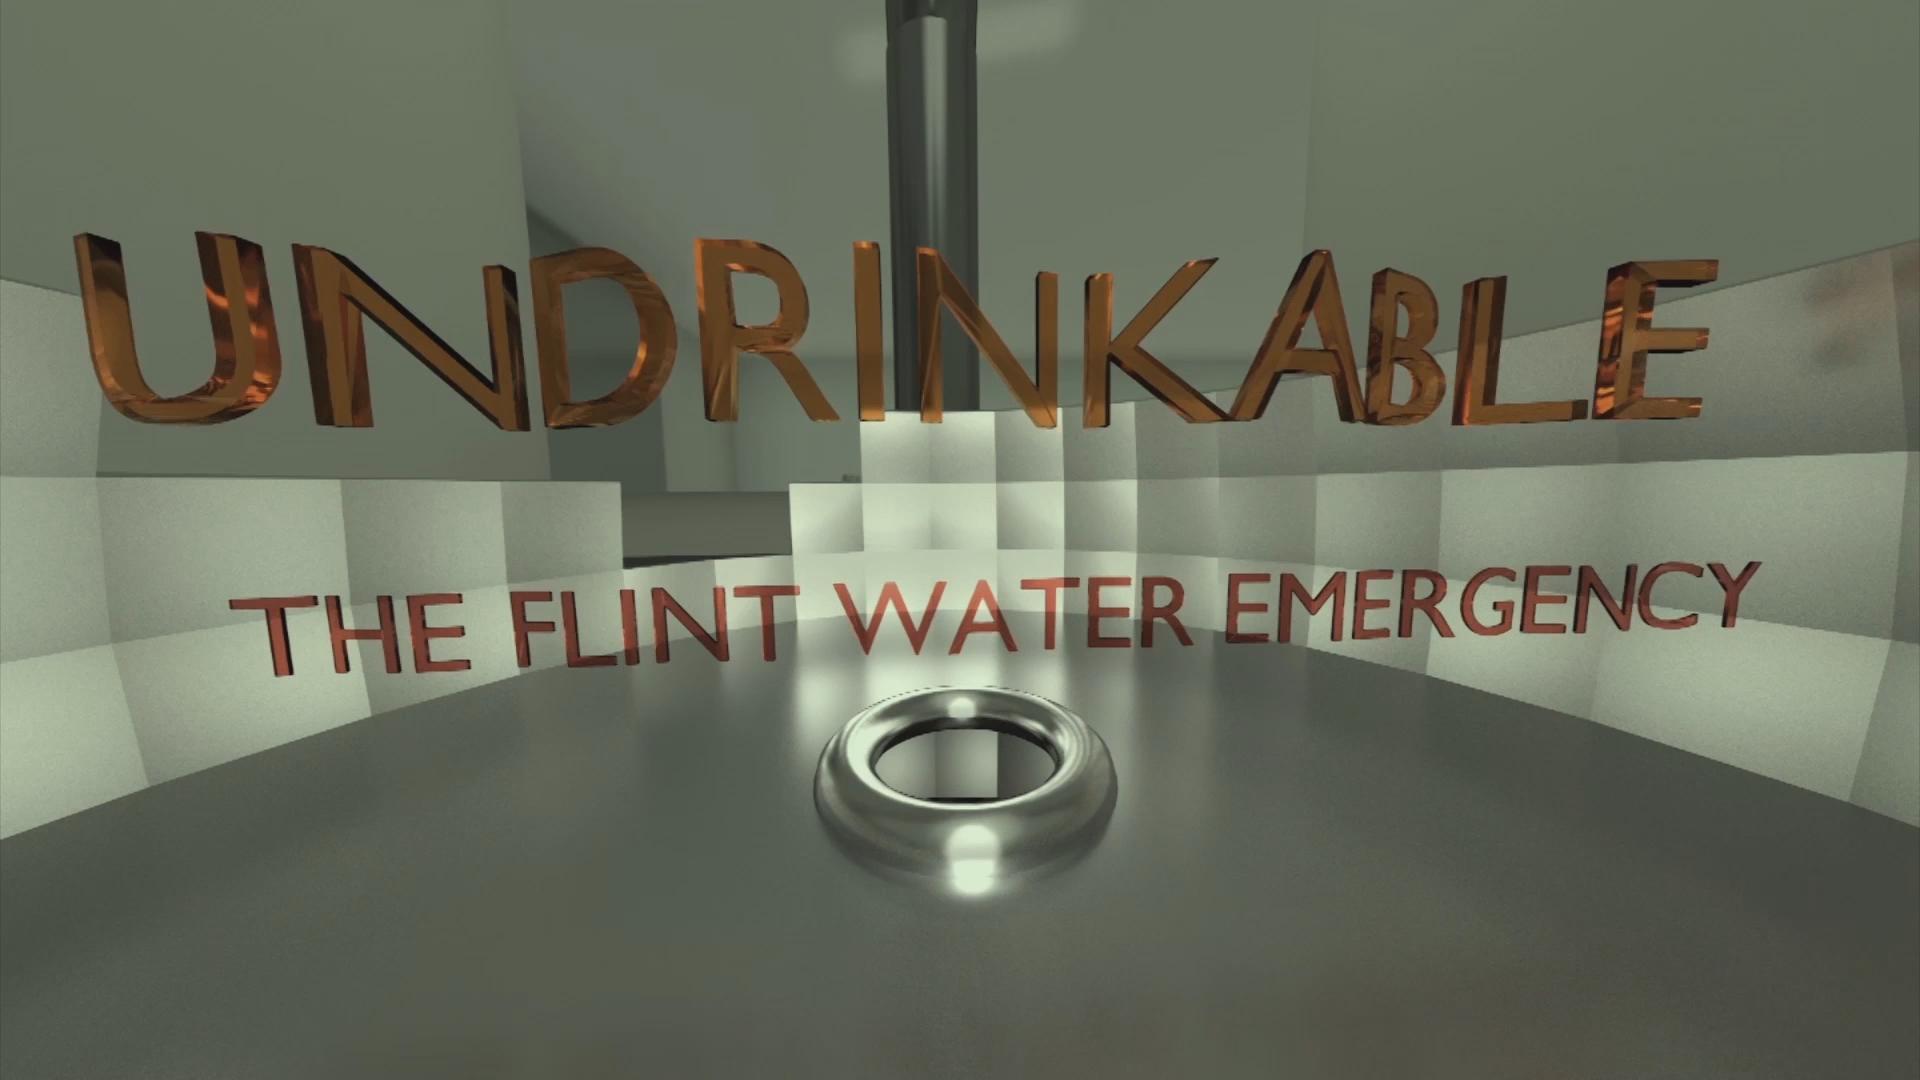 Undrinkable - The Flint Water Emergency